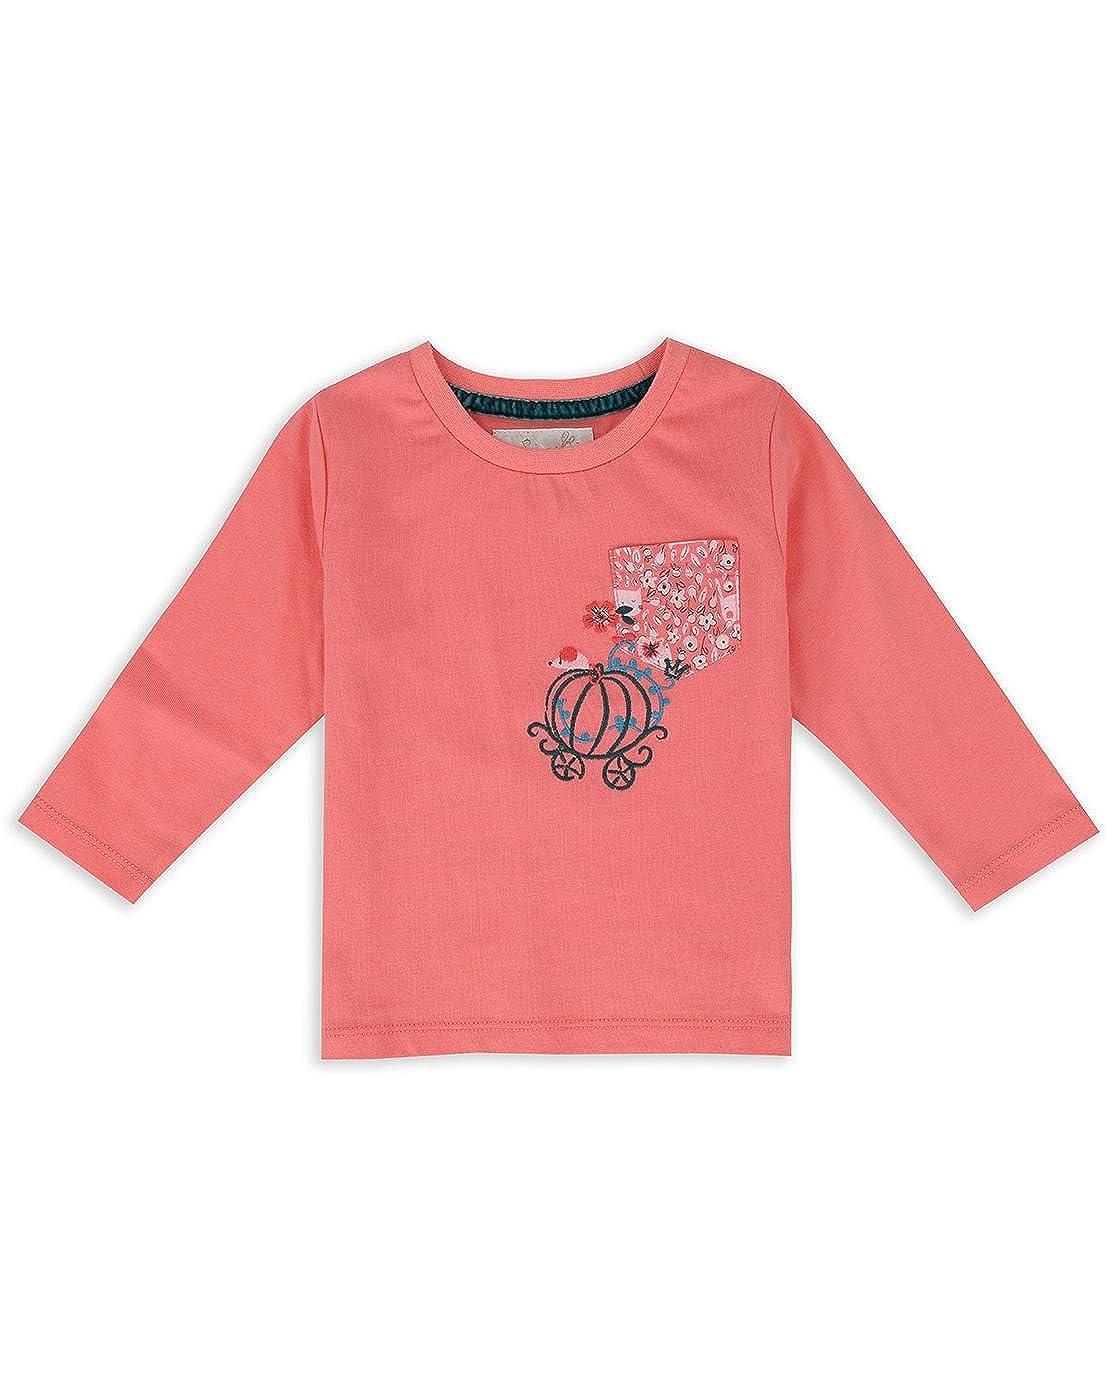 The Essential One Bebé infantil Niñas Bordado Camiseta de Manga Larga - Rosado - EOT521